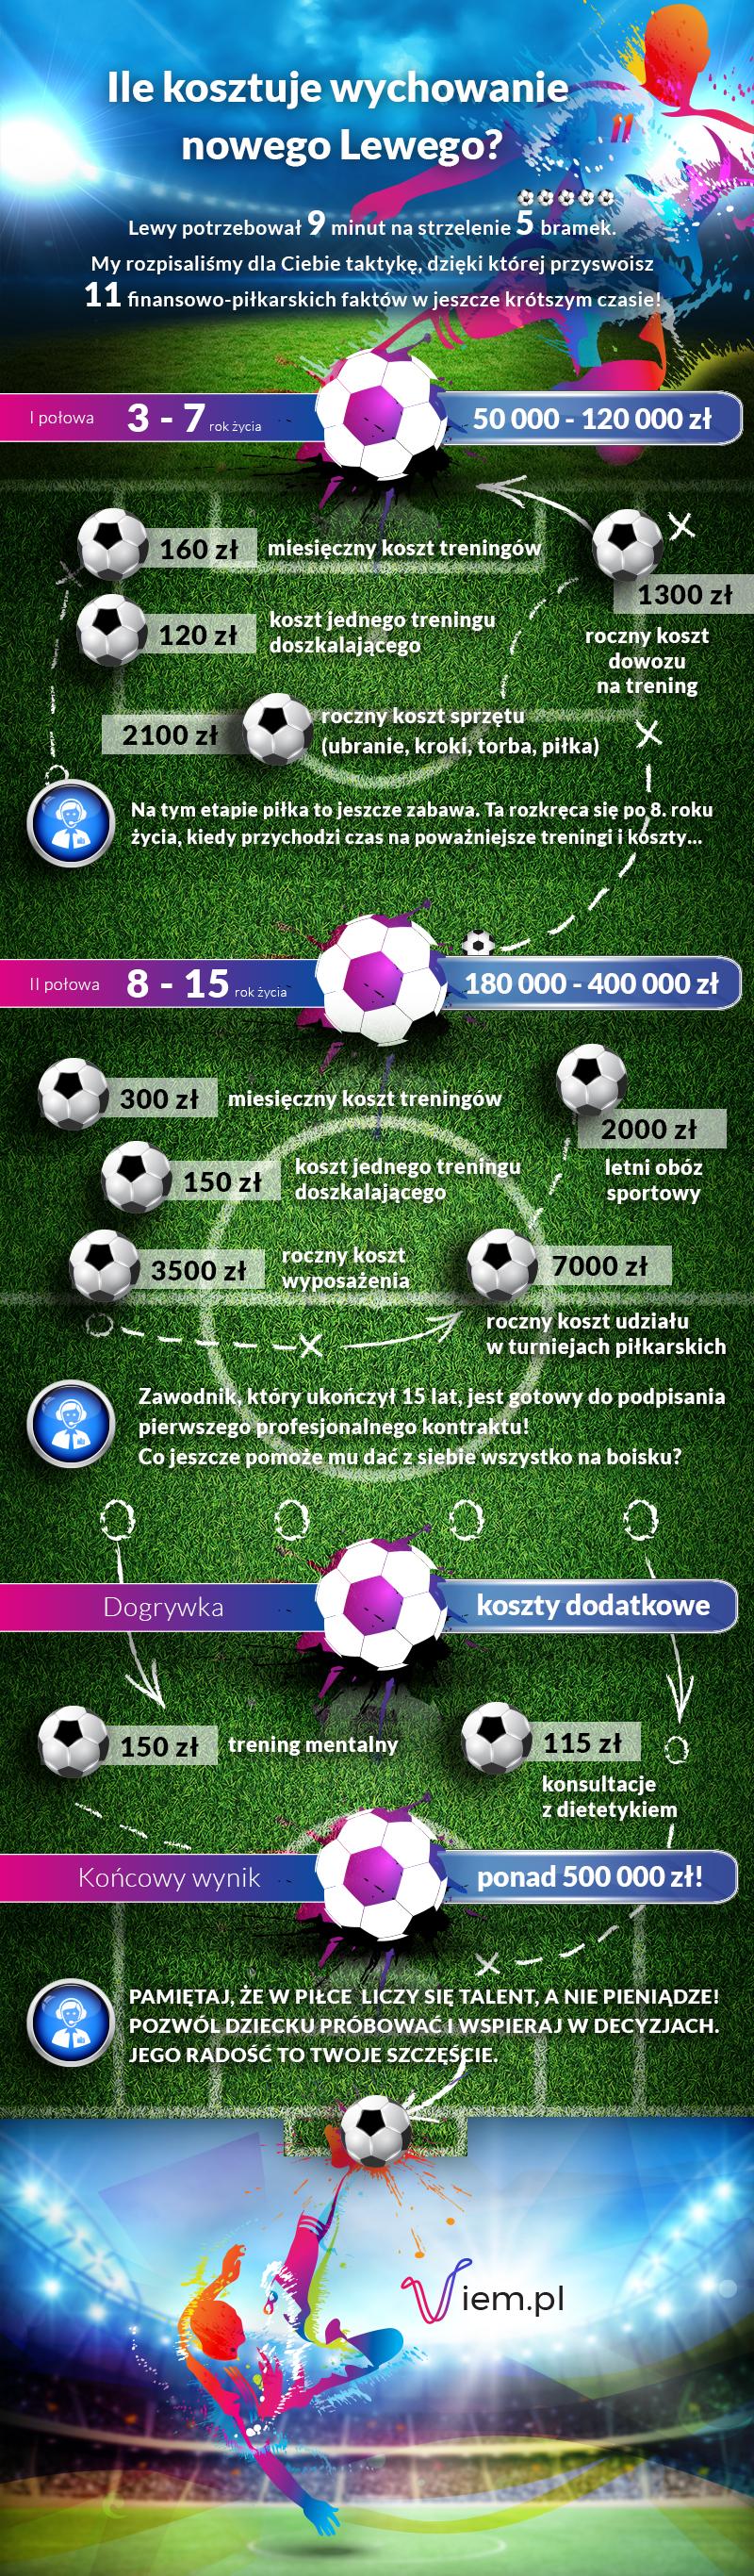 Ile kosztuje wychowanie piłkarza?